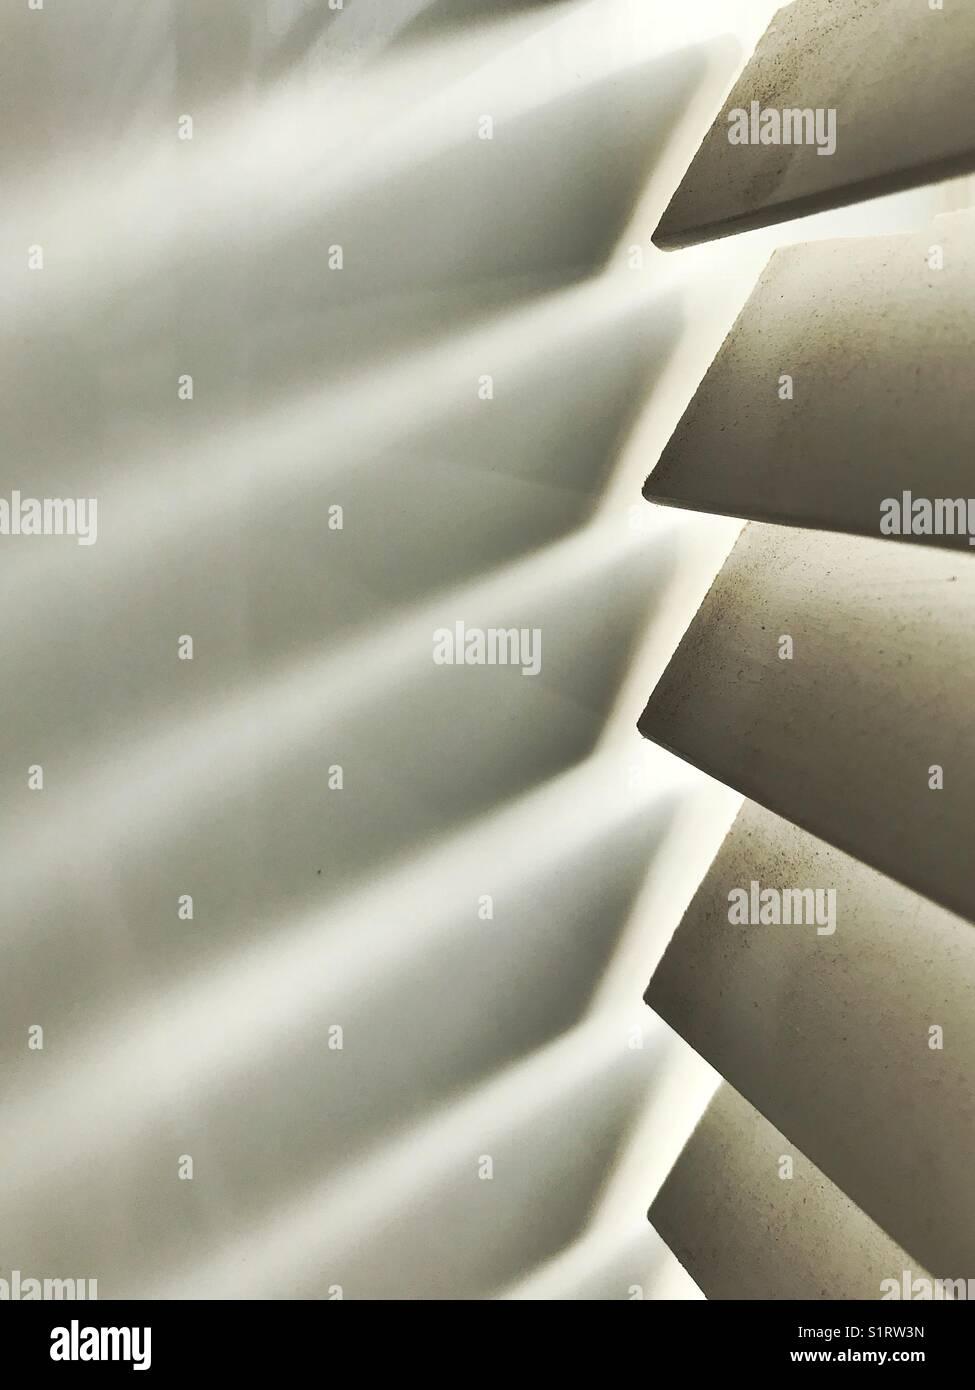 Light shining through bathroom blinds onto white tiles - Stock Image